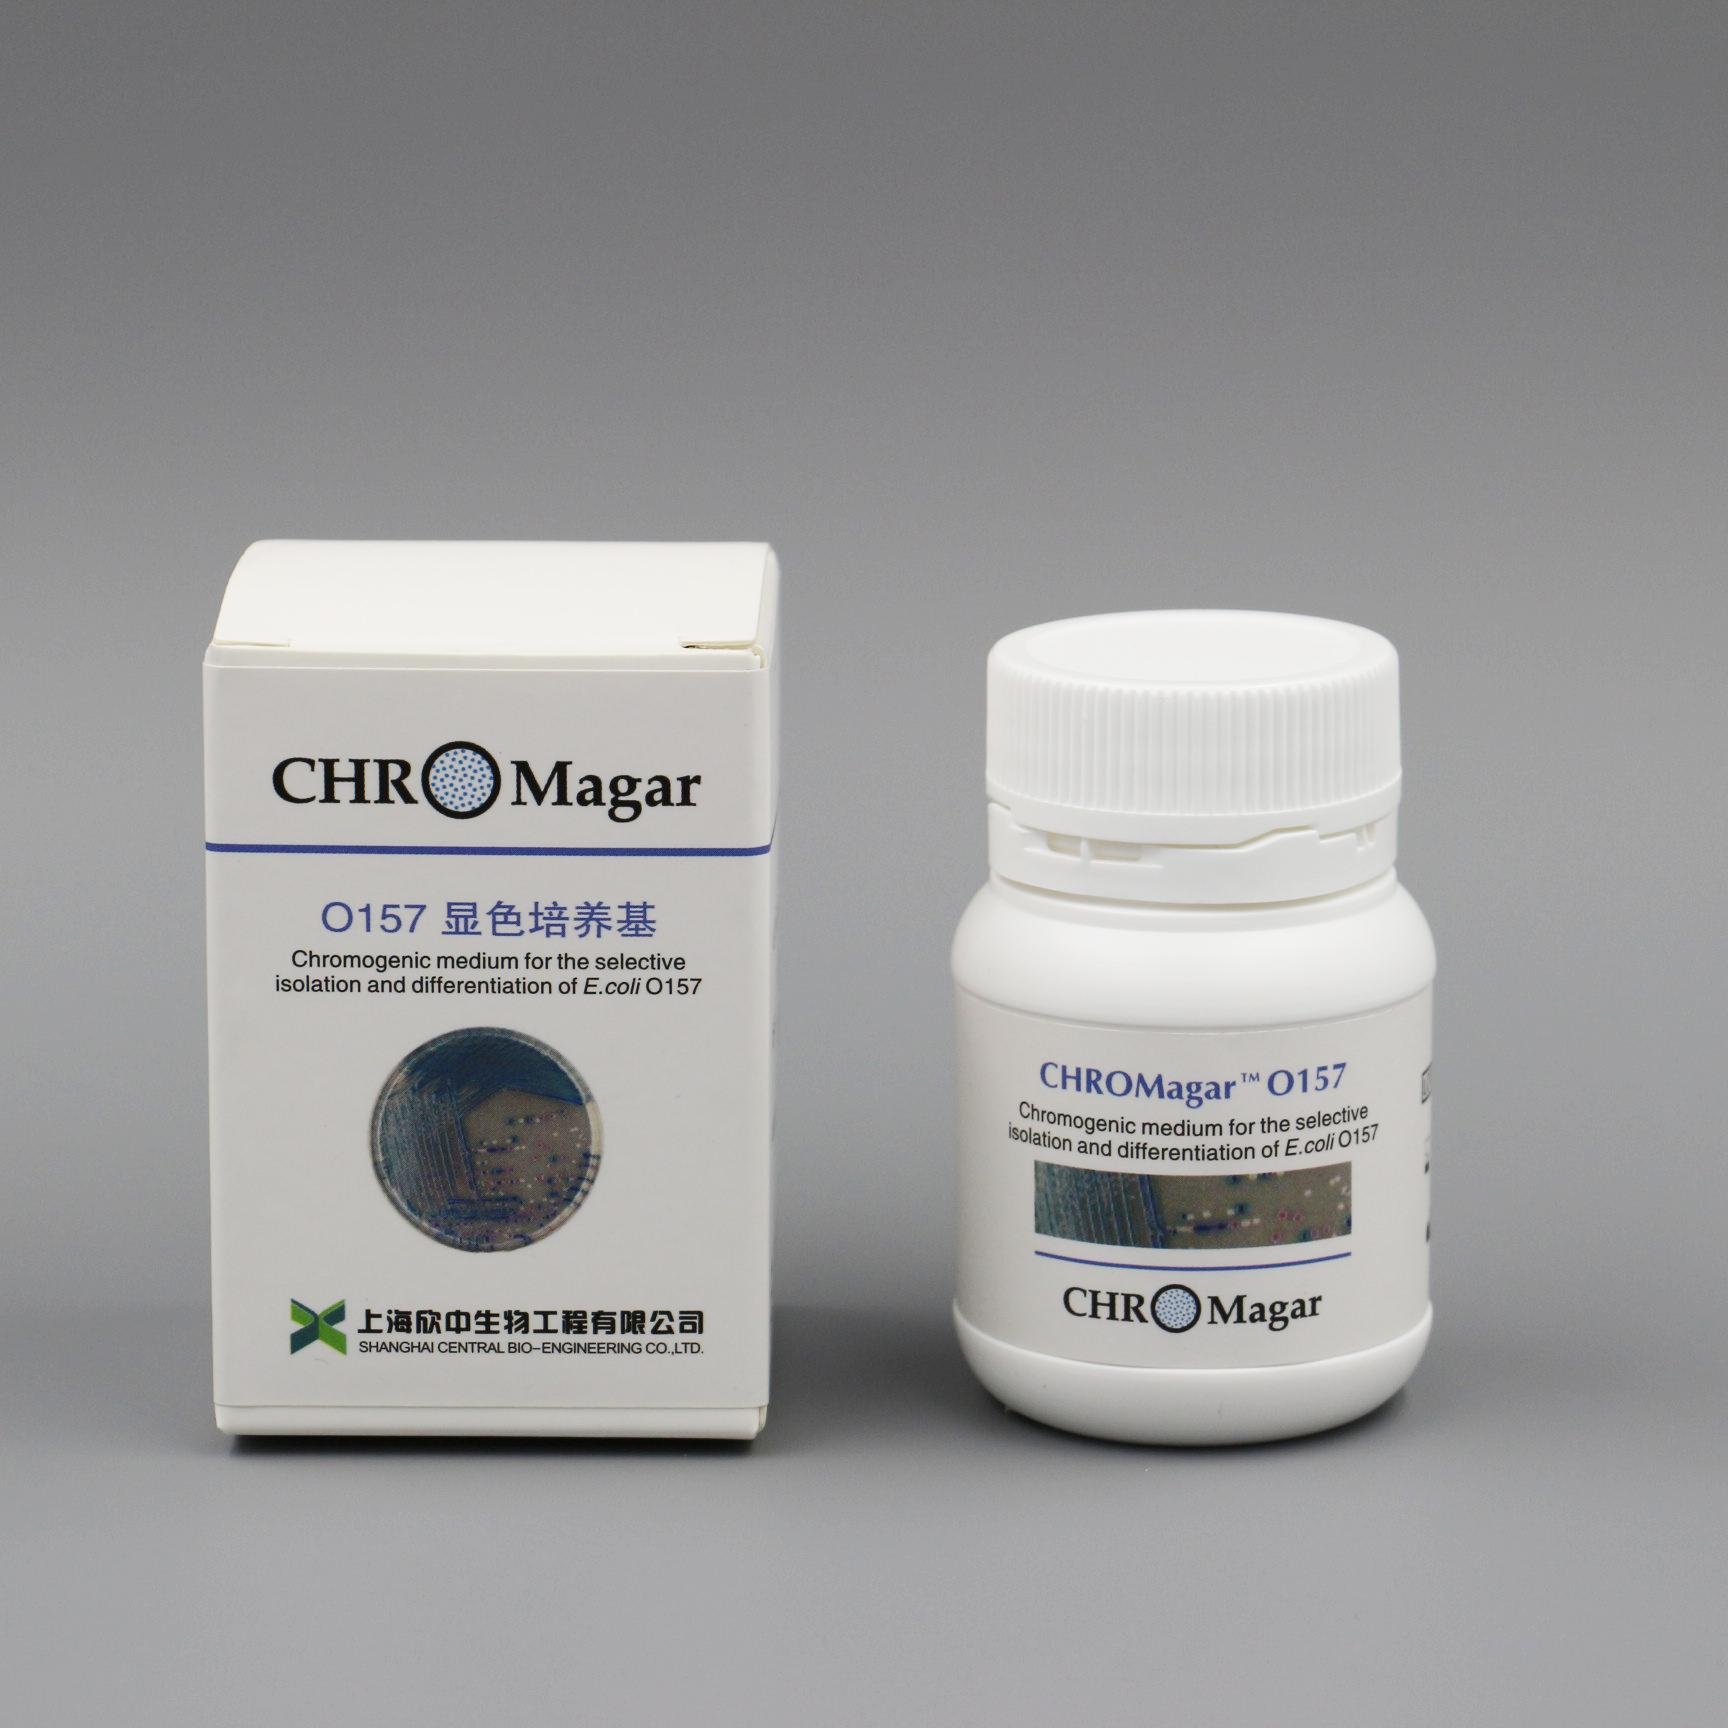 改良O157显色培养基